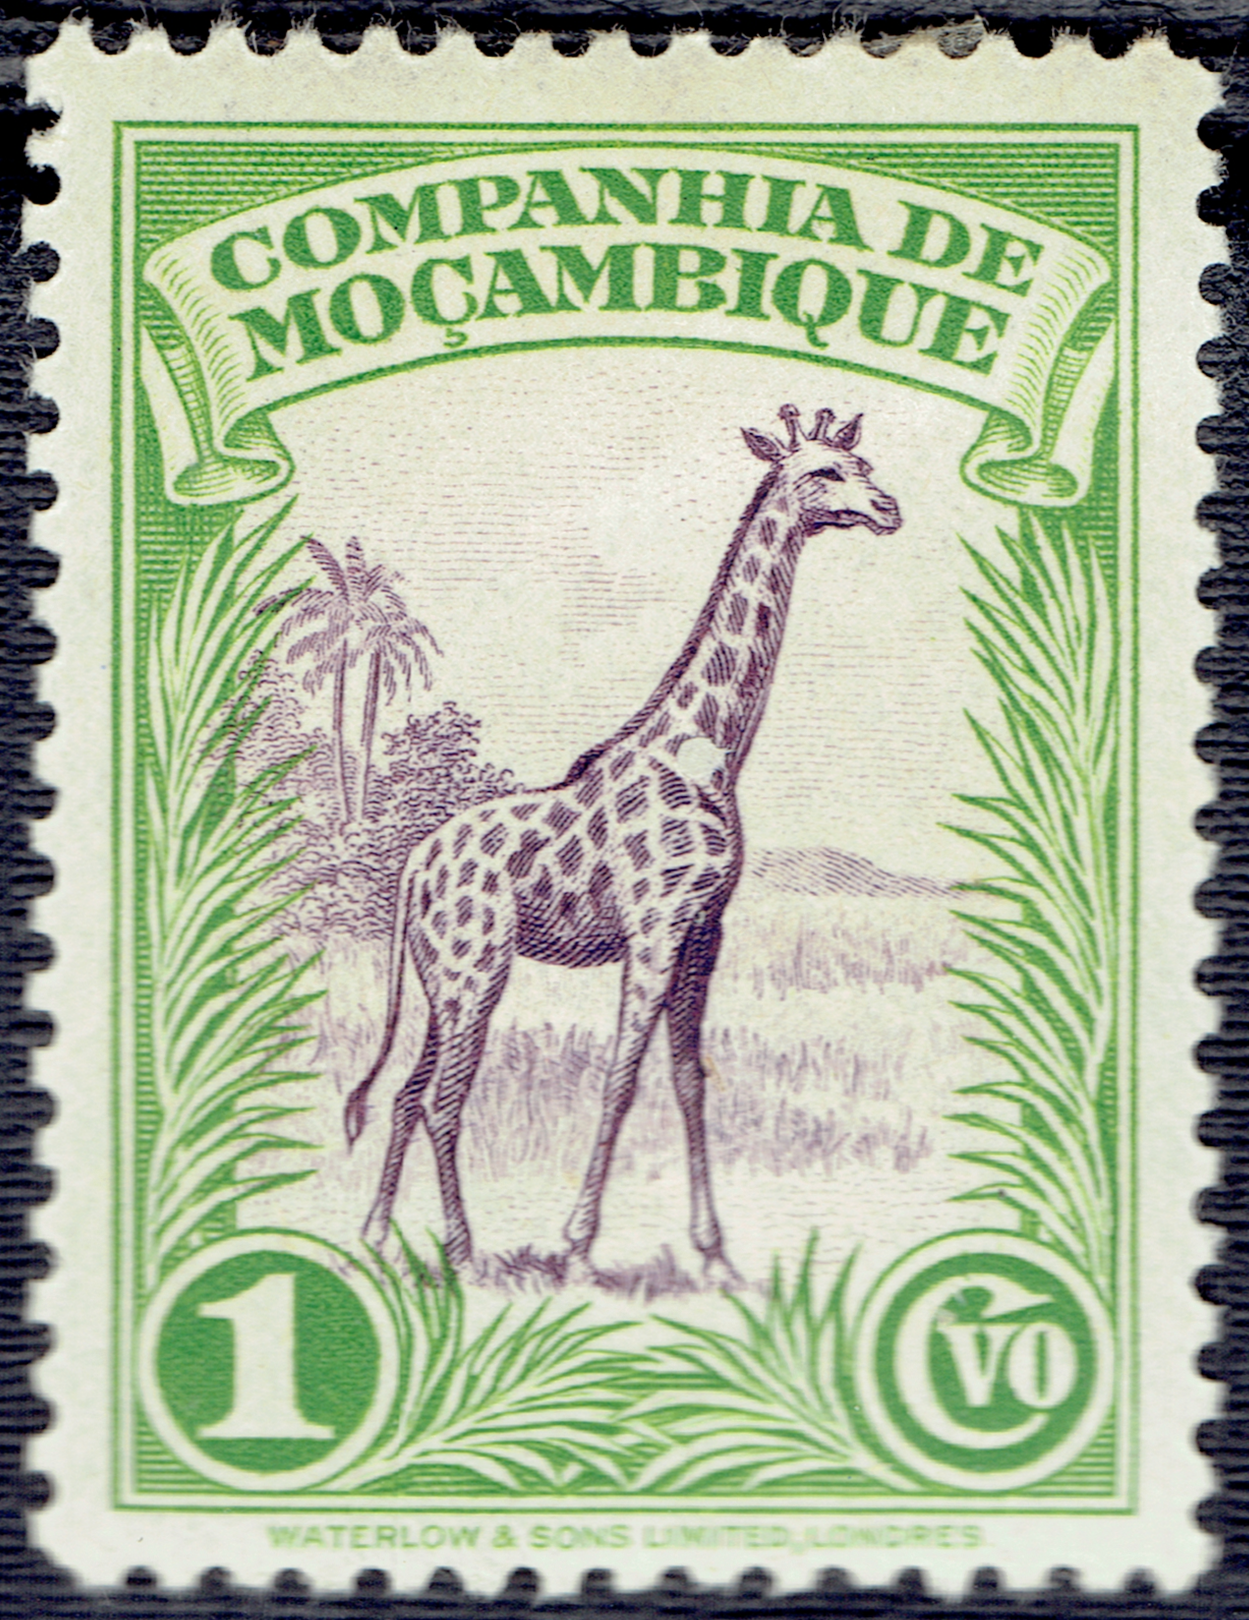 Mozambique Company - Scott #175 (1937)